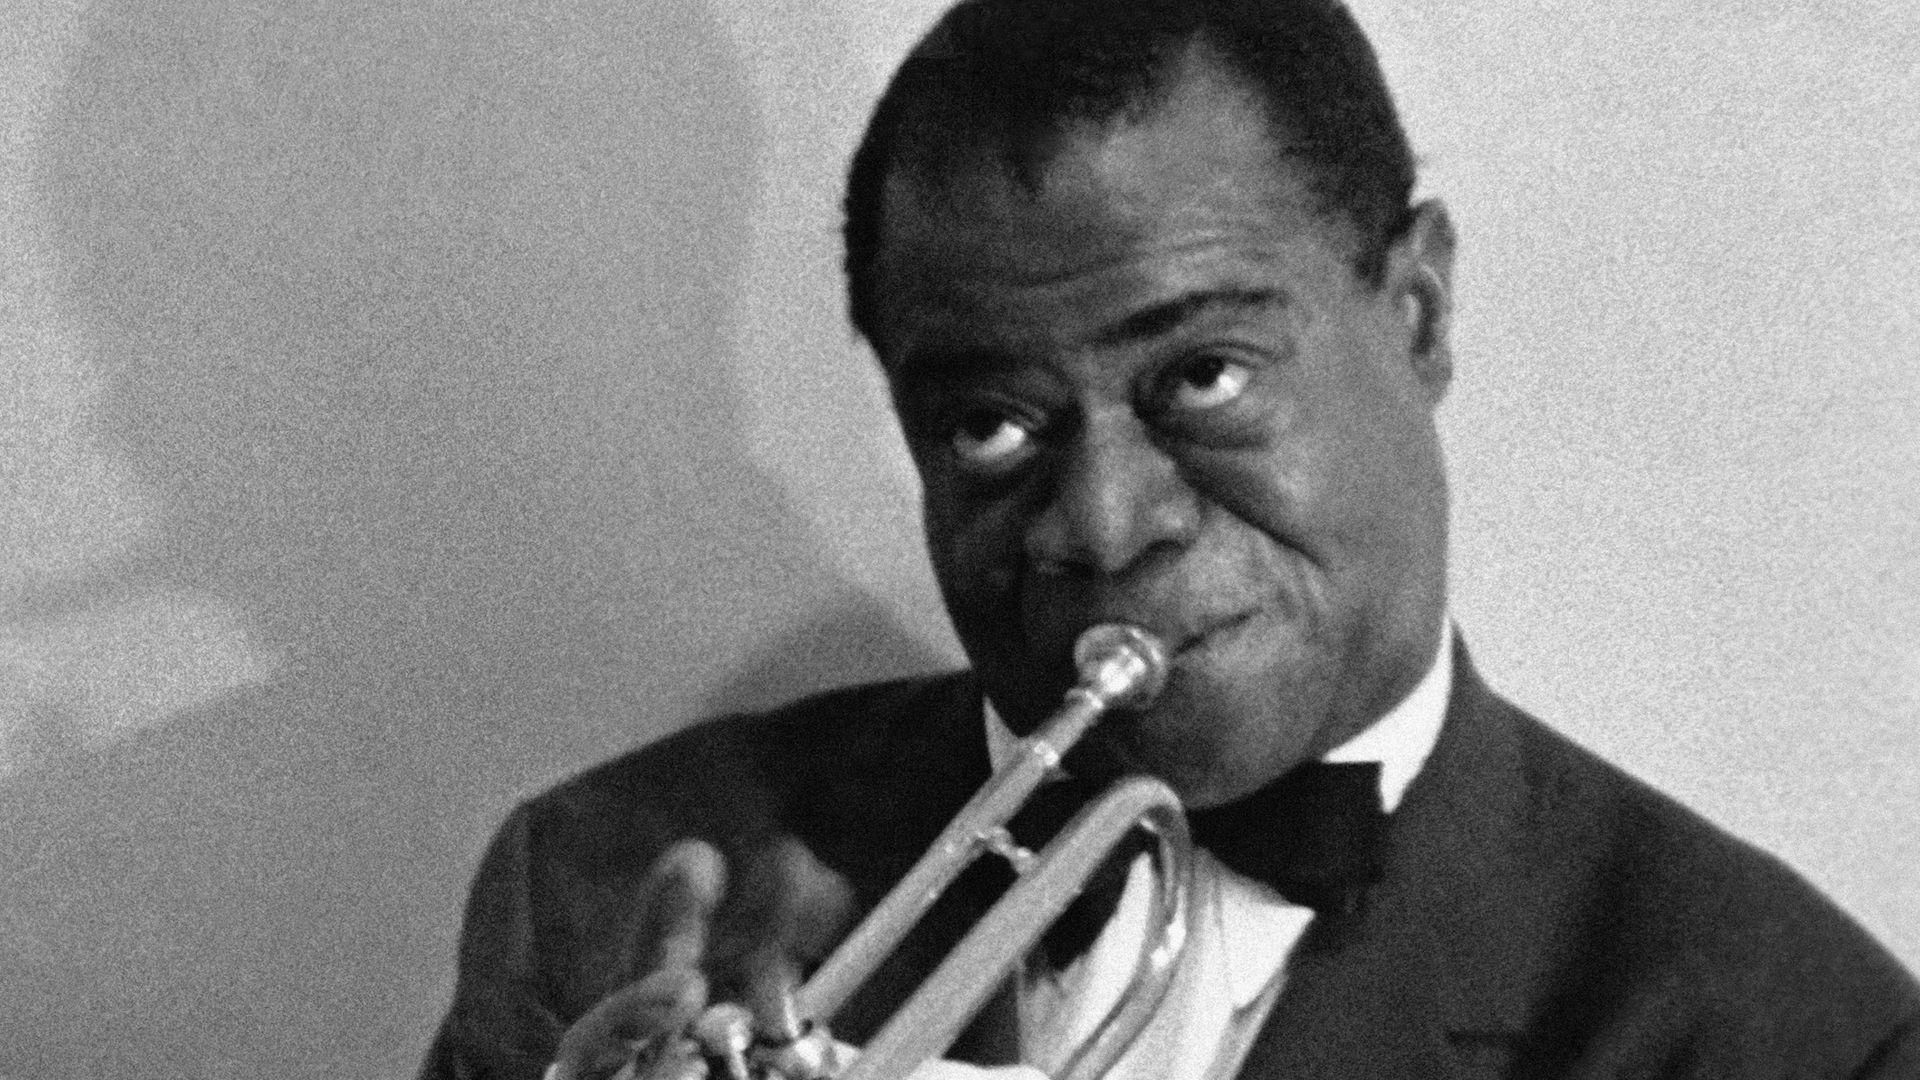 Portrait du trompettiste de jazz americain Louis Armstrong. - Credit: Gamma-Rapho via Getty Images